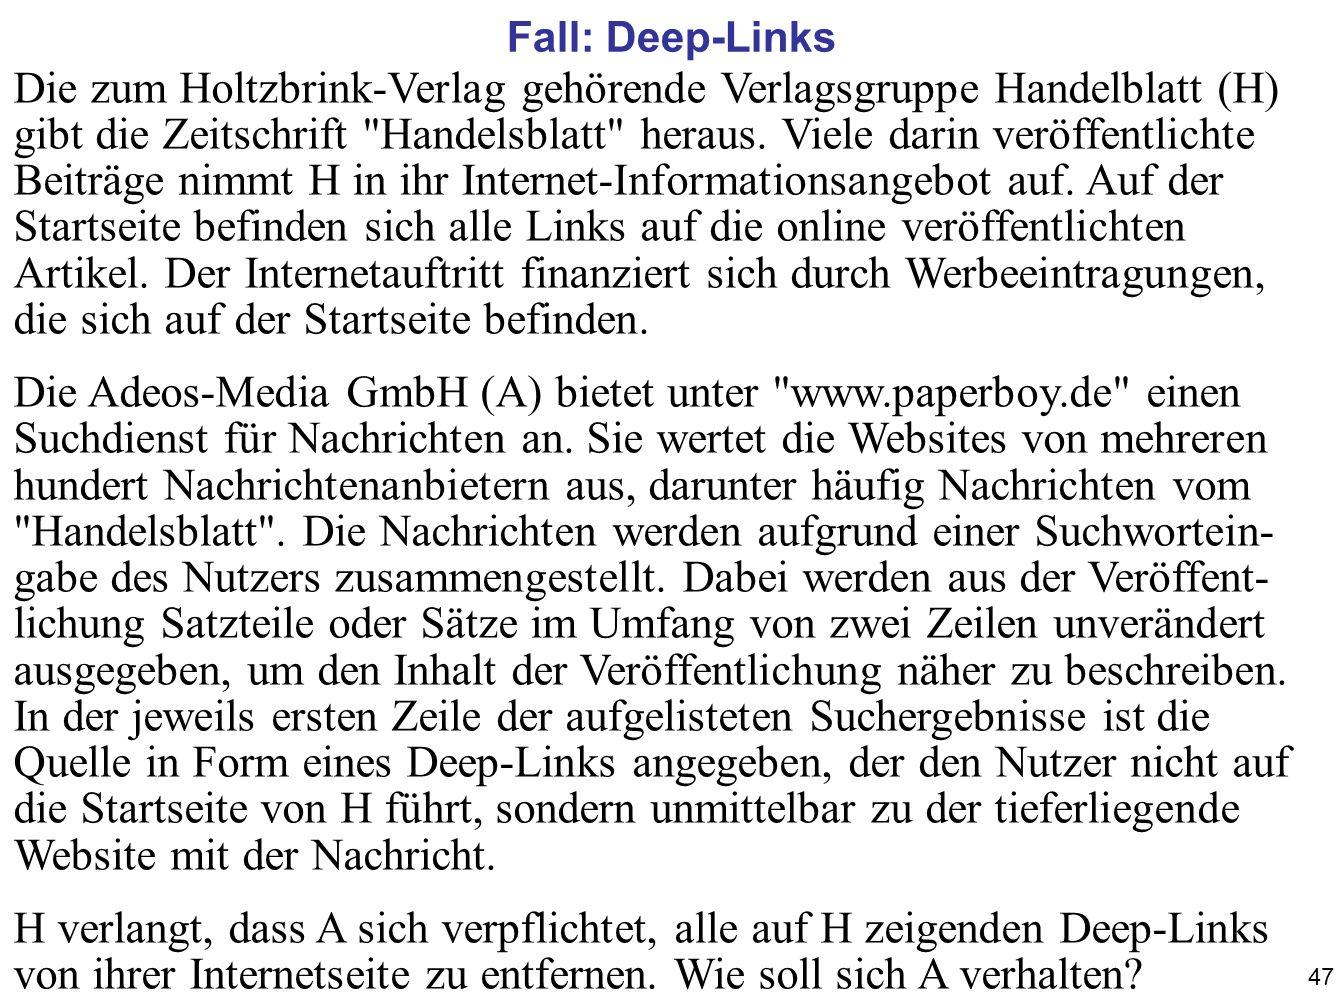 47 Die zum Holtzbrink-Verlag gehörende Verlagsgruppe Handelblatt (H) gibt die Zeitschrift